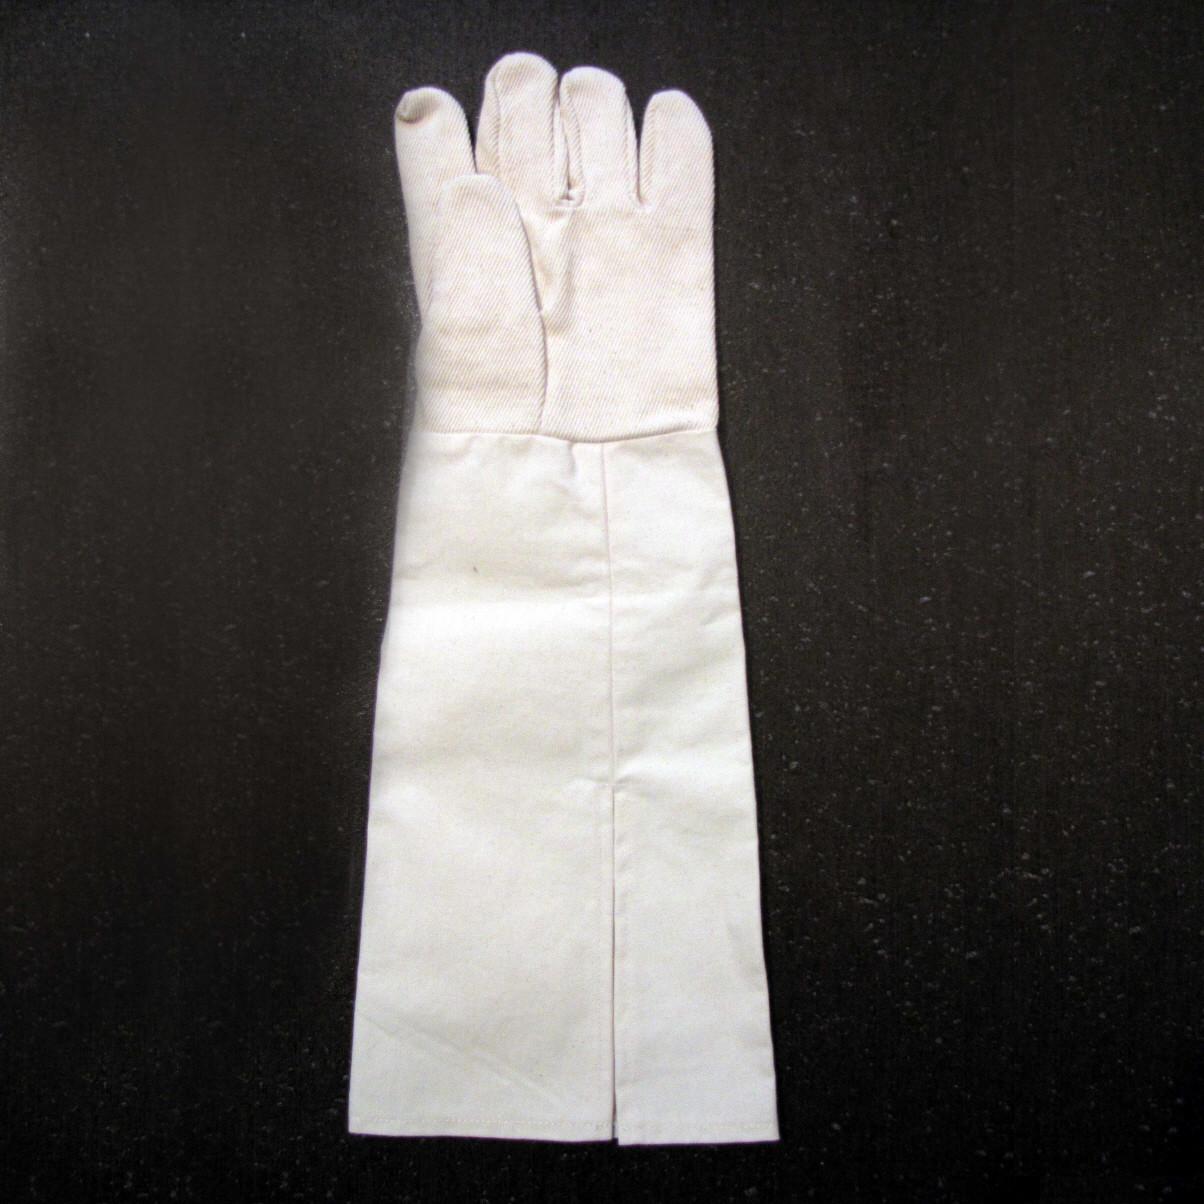 Einzelhandschuh ohne Loch (rechte Hand)